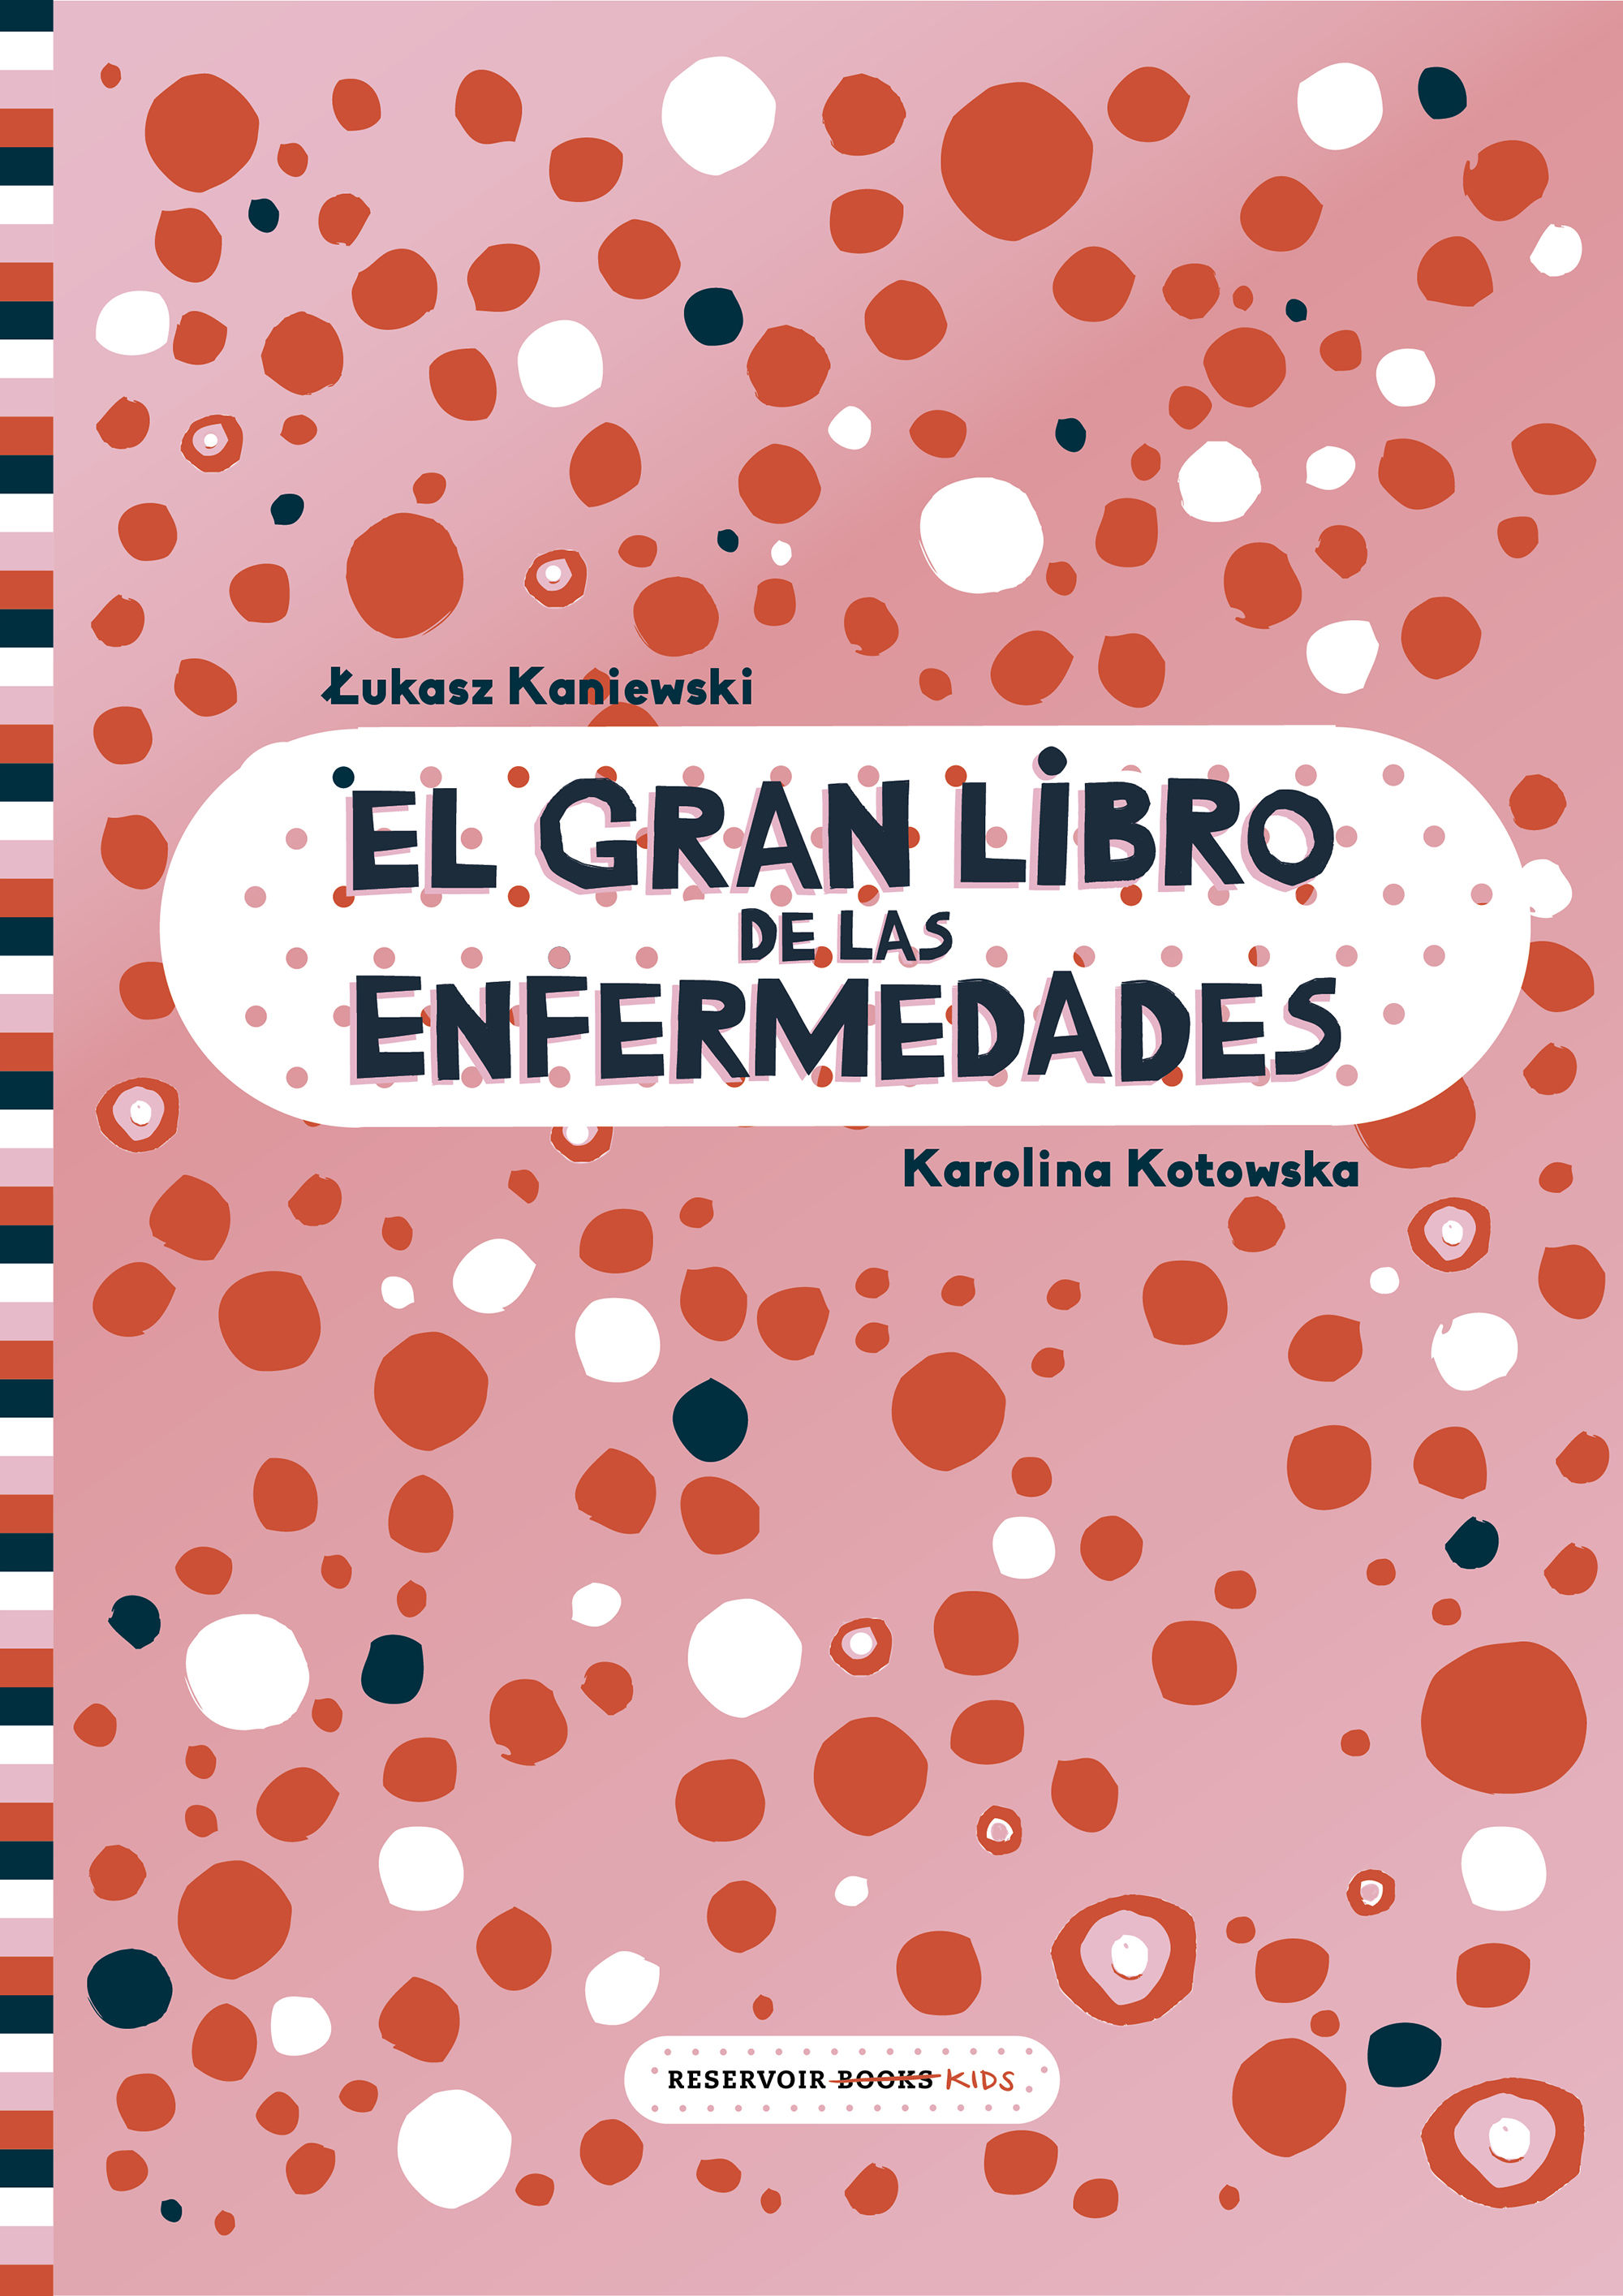 EL GRAN LIBRO DE LAS ENFERMEDADES